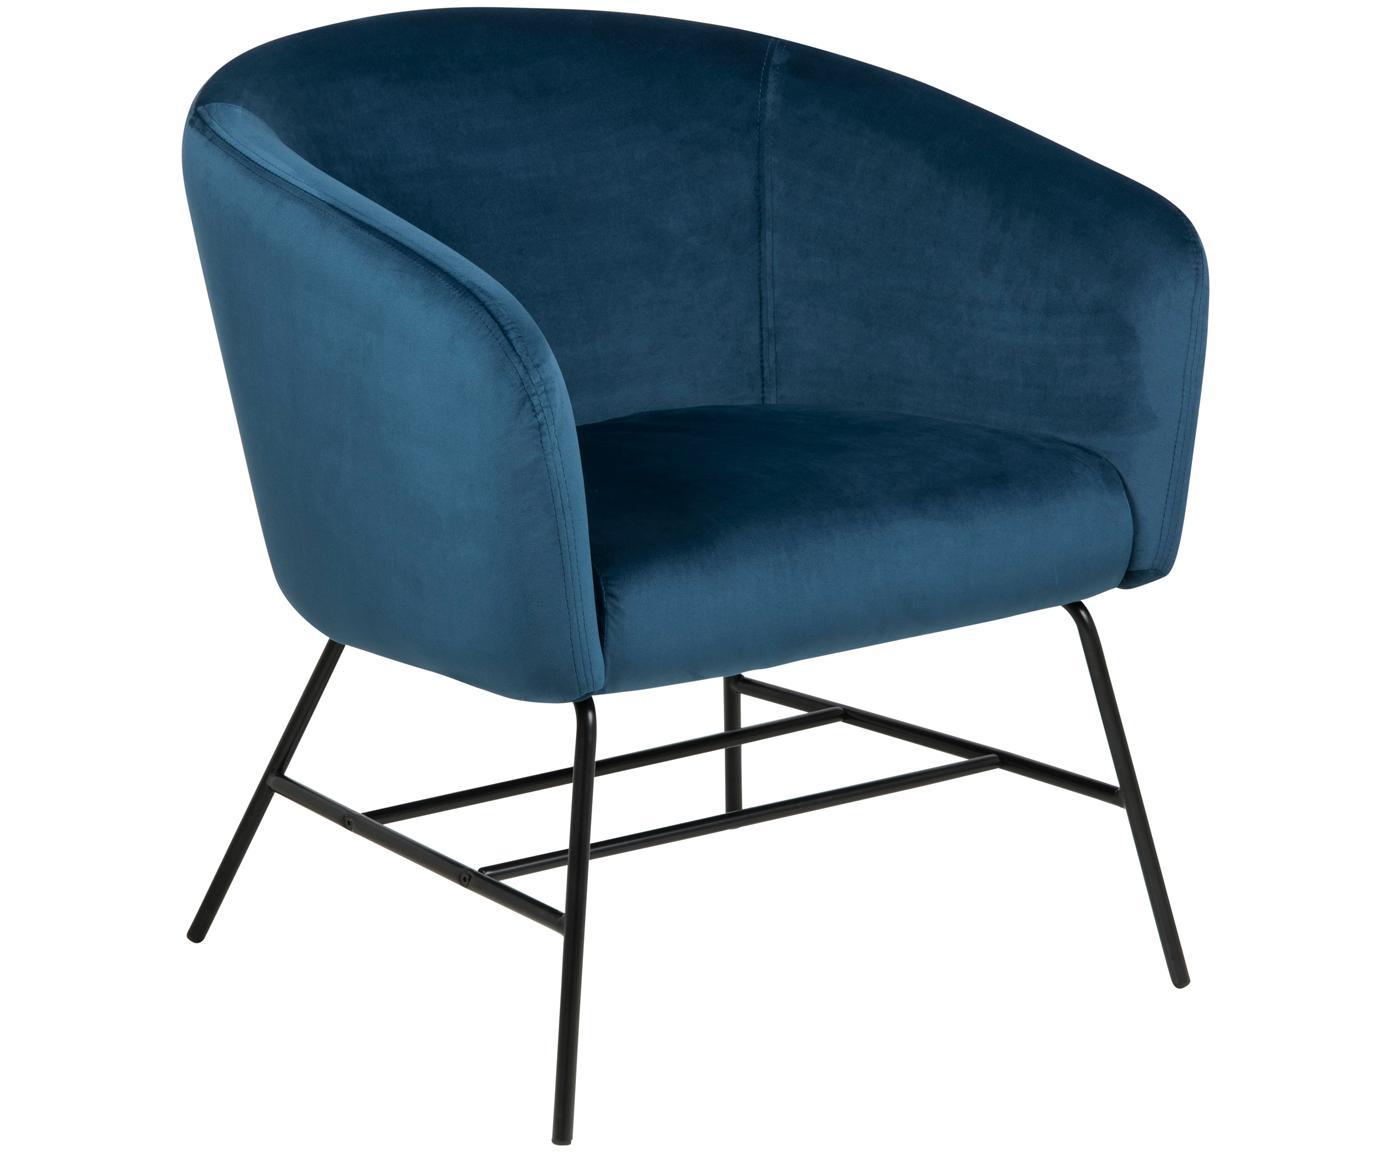 Poltrona moderna in velluto blu Ramsey, Rivestimento: velluto di poliestere 25., Gambe: metallo, laccato, Blu navy, Larg. 72 x Prof. 67 cm